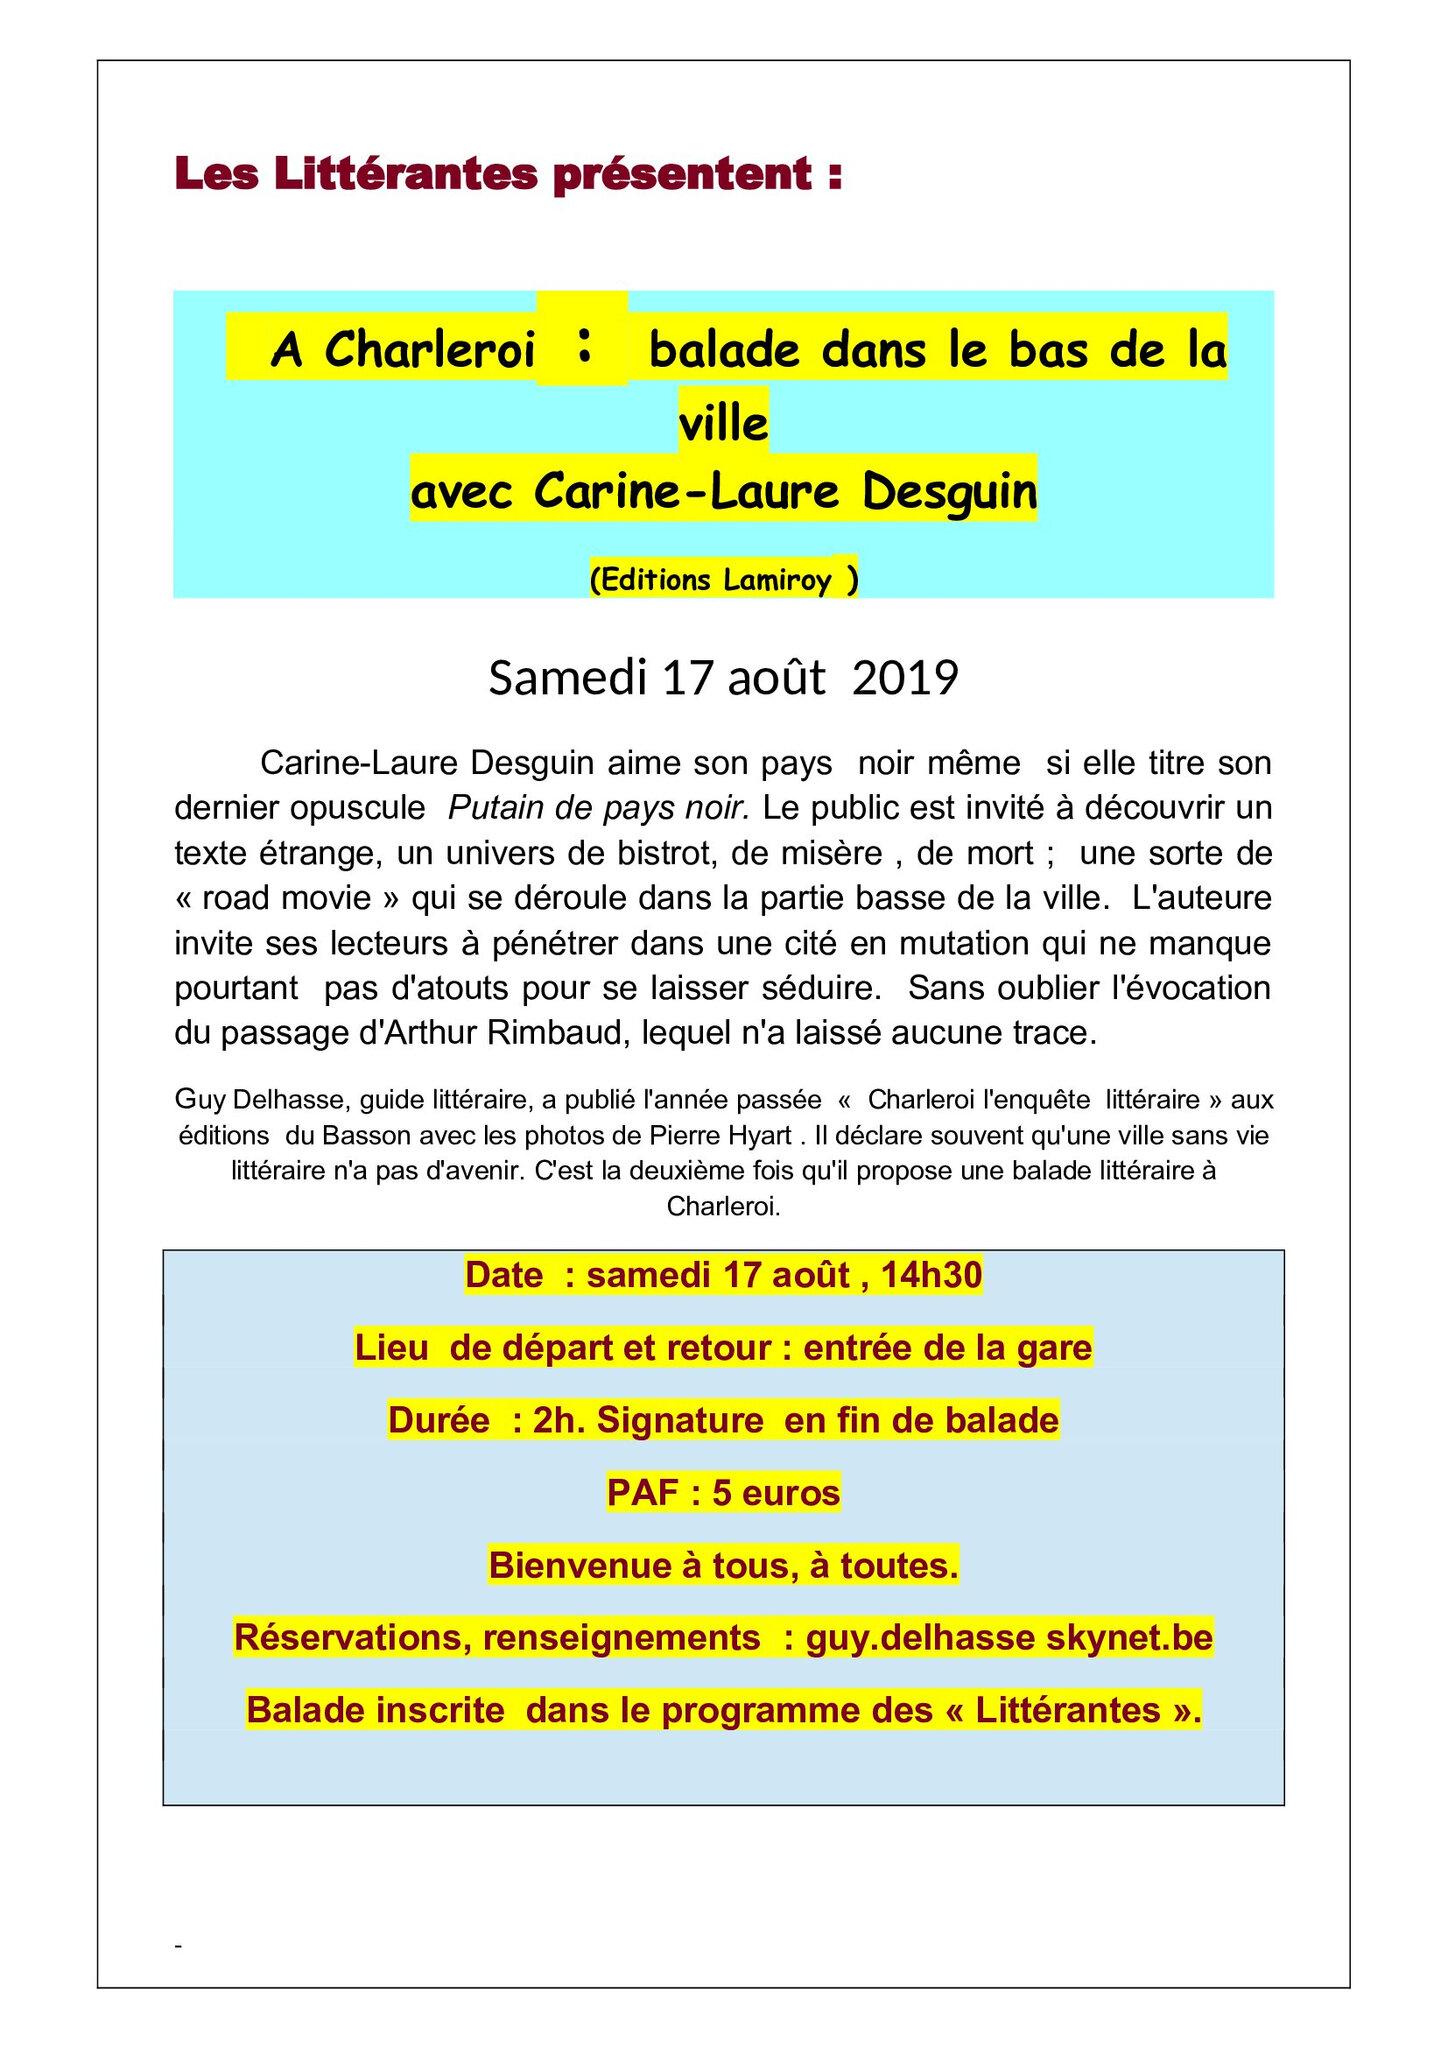 CHARLEROI, BALADE DANS LE BAS DE LA VILLE!